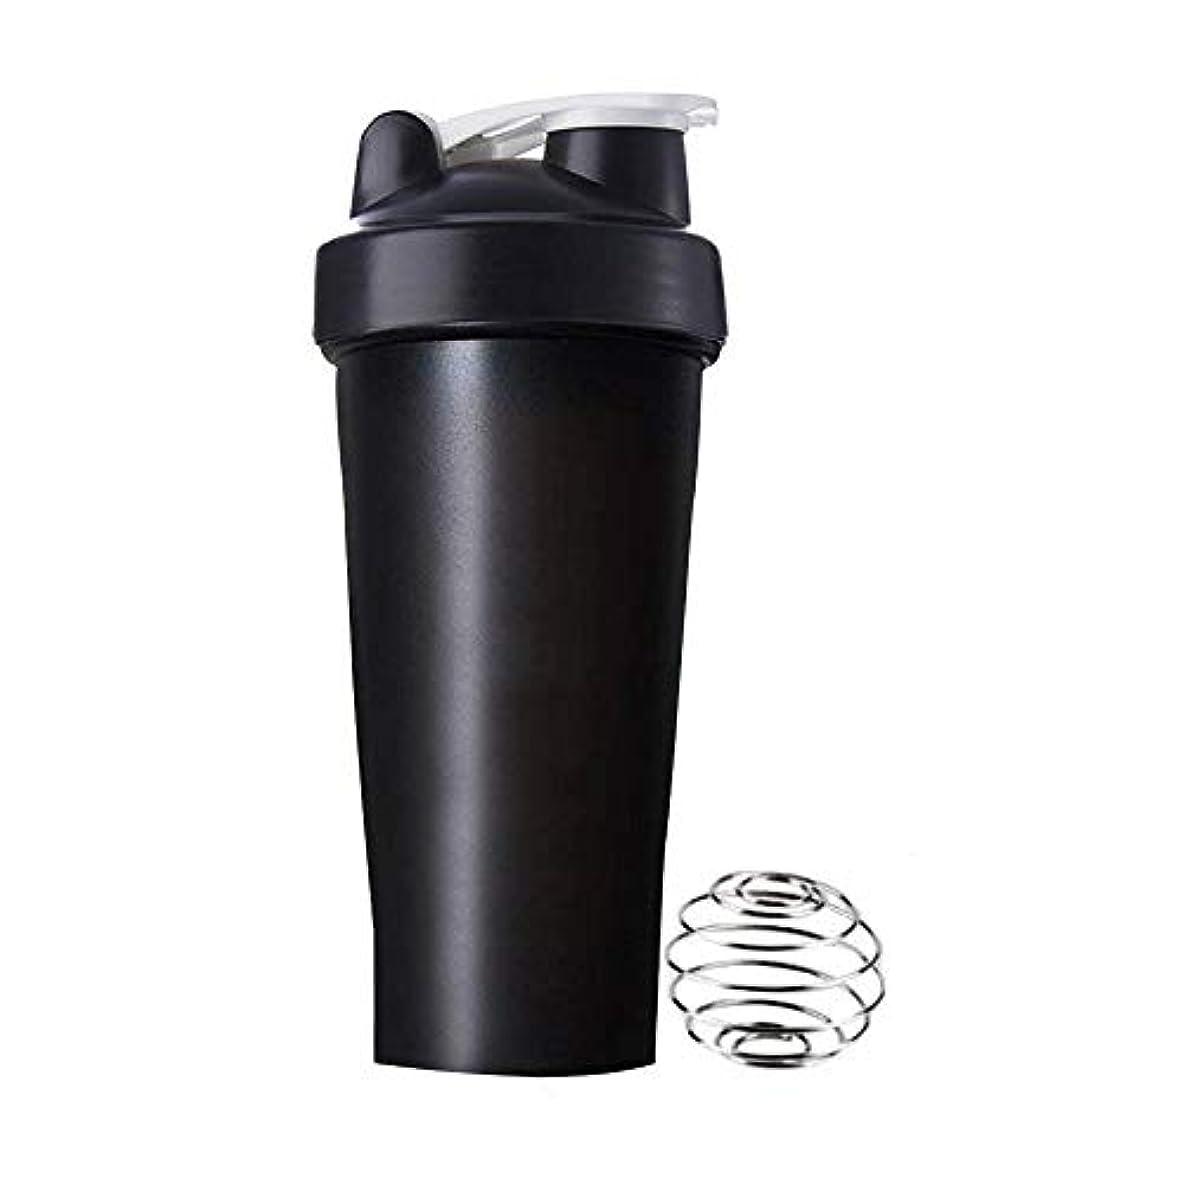 実現可能睡眠割り当てるSimg プロテインシェイカー 直飲み プラスチックウォーターボトル ジム シェーカーボトル 600ml